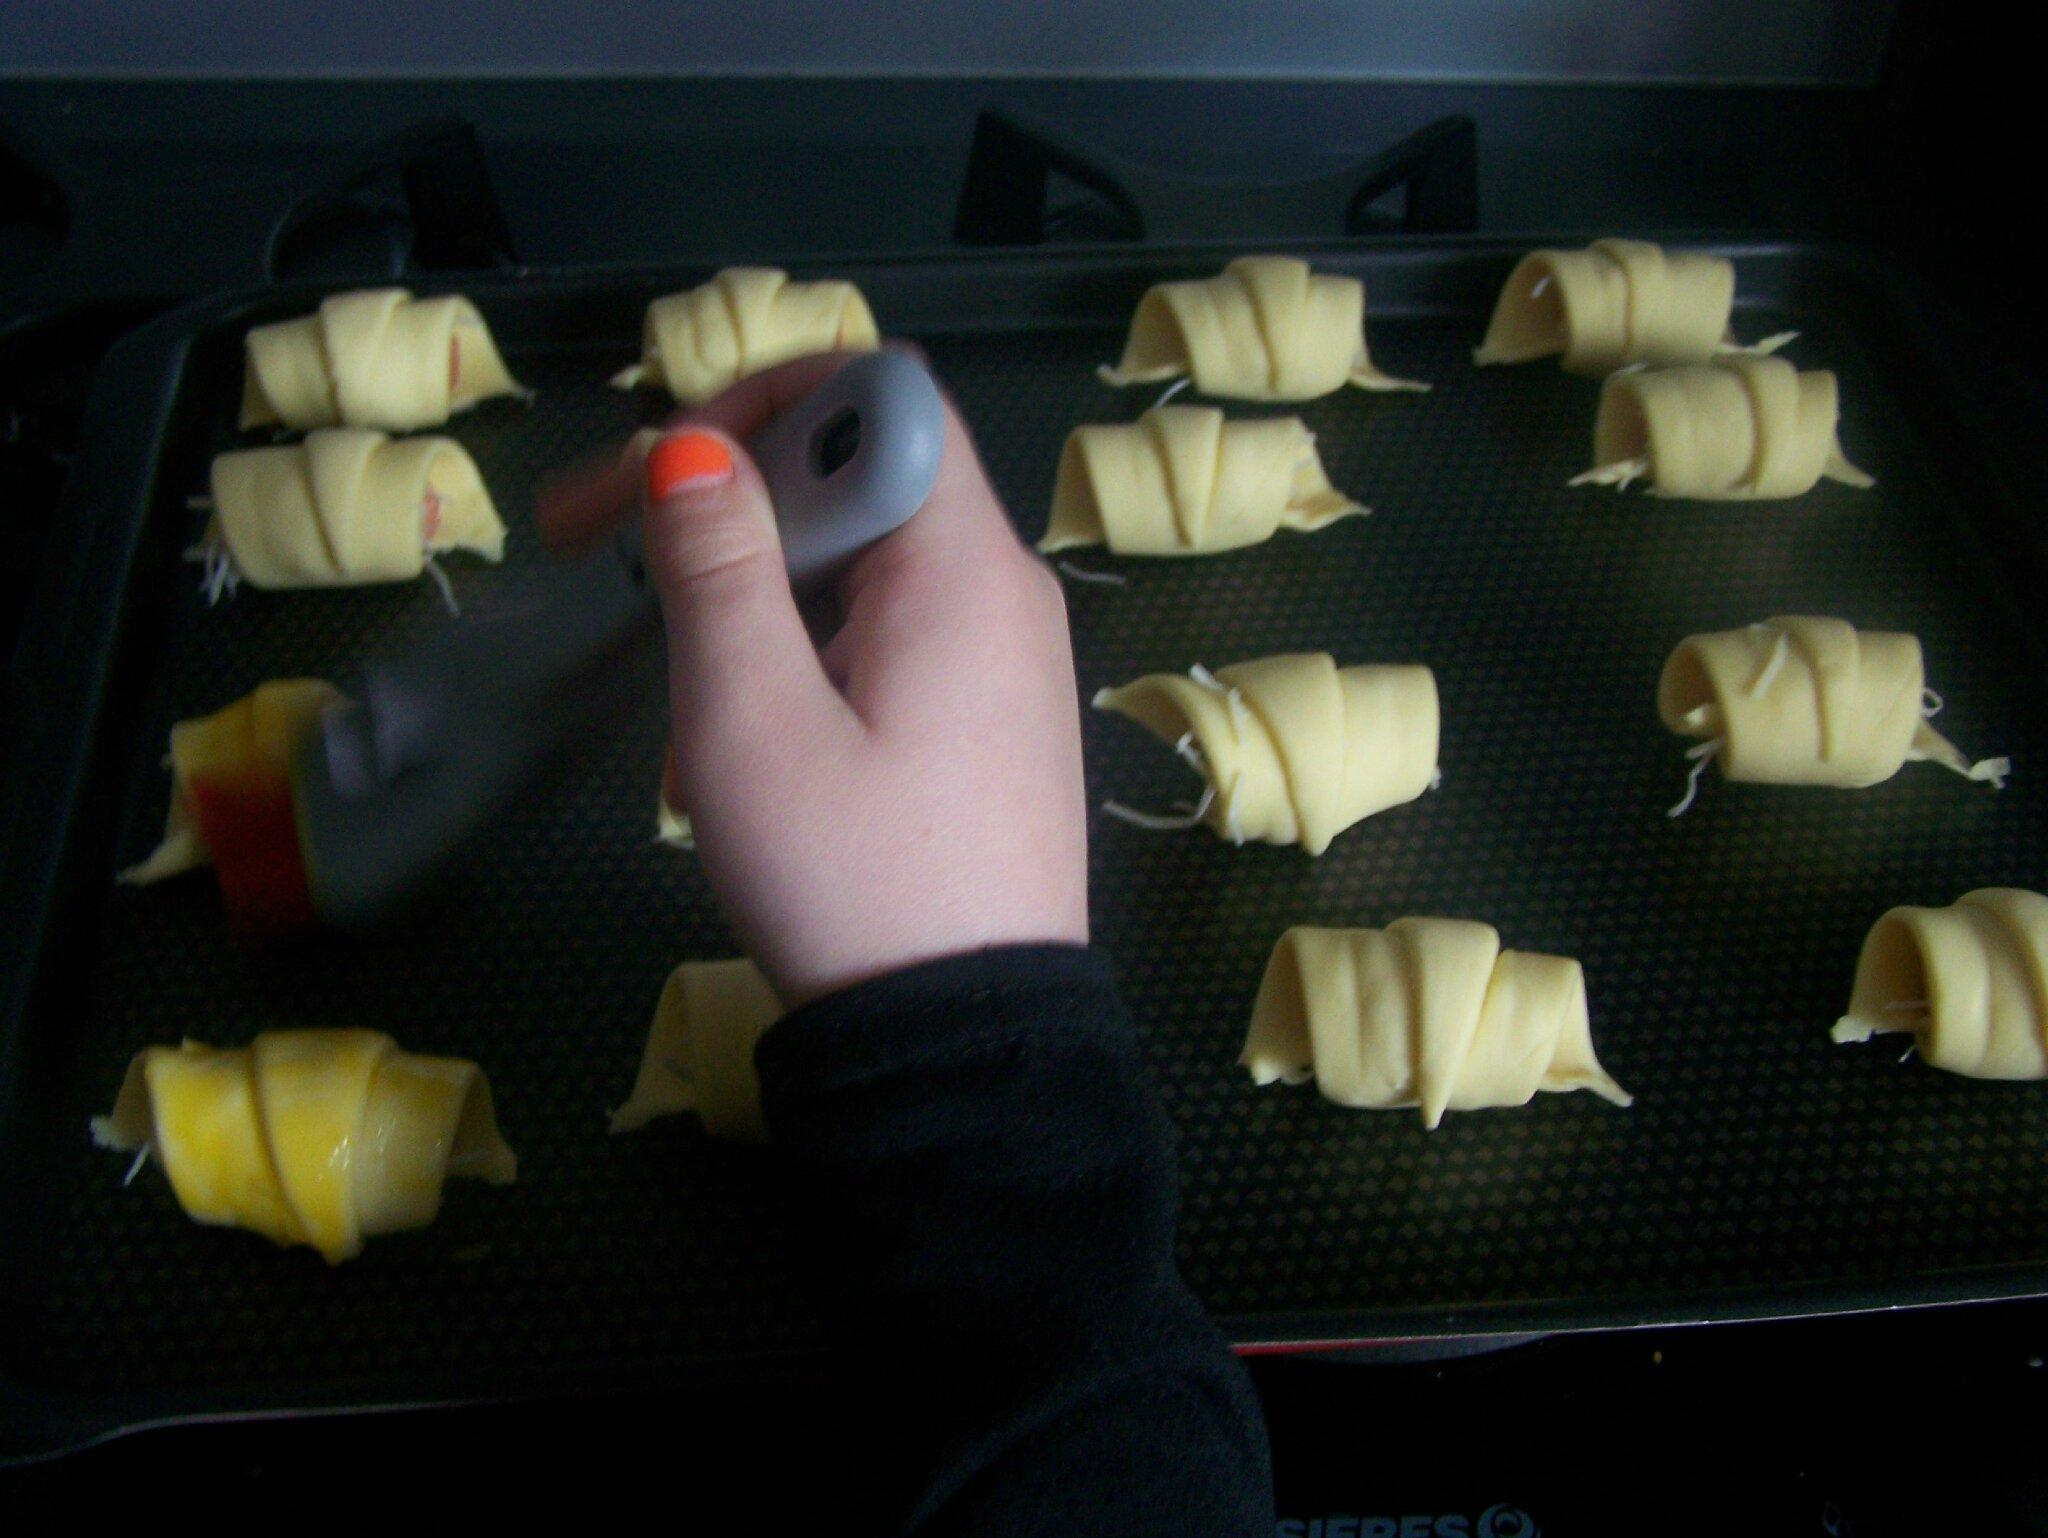 Croissants saucisses coktail du bruit dans ma cuisine - Du bruit dans ma cuisine ...